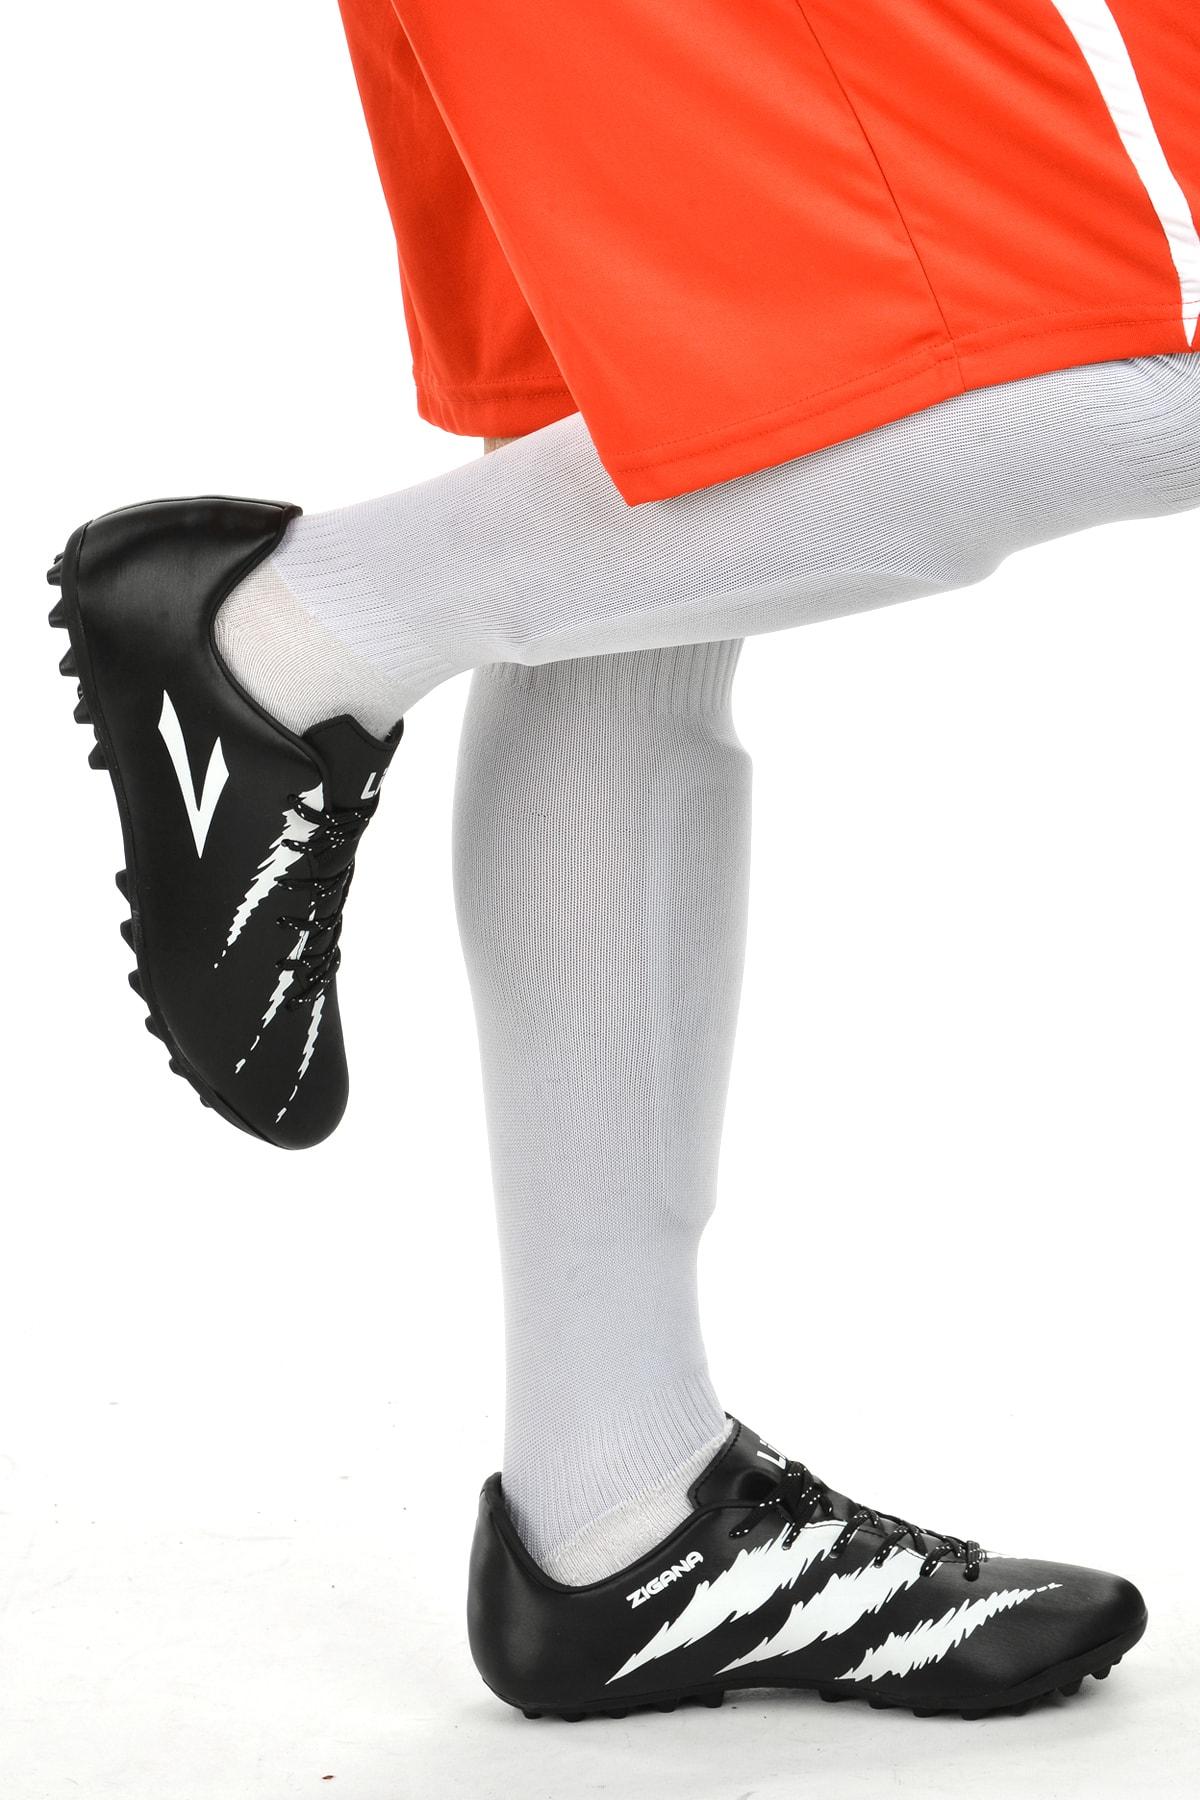 LIG Zigana Hm Halı Saha Erkek Spor Futbol Ayakkabısı 2